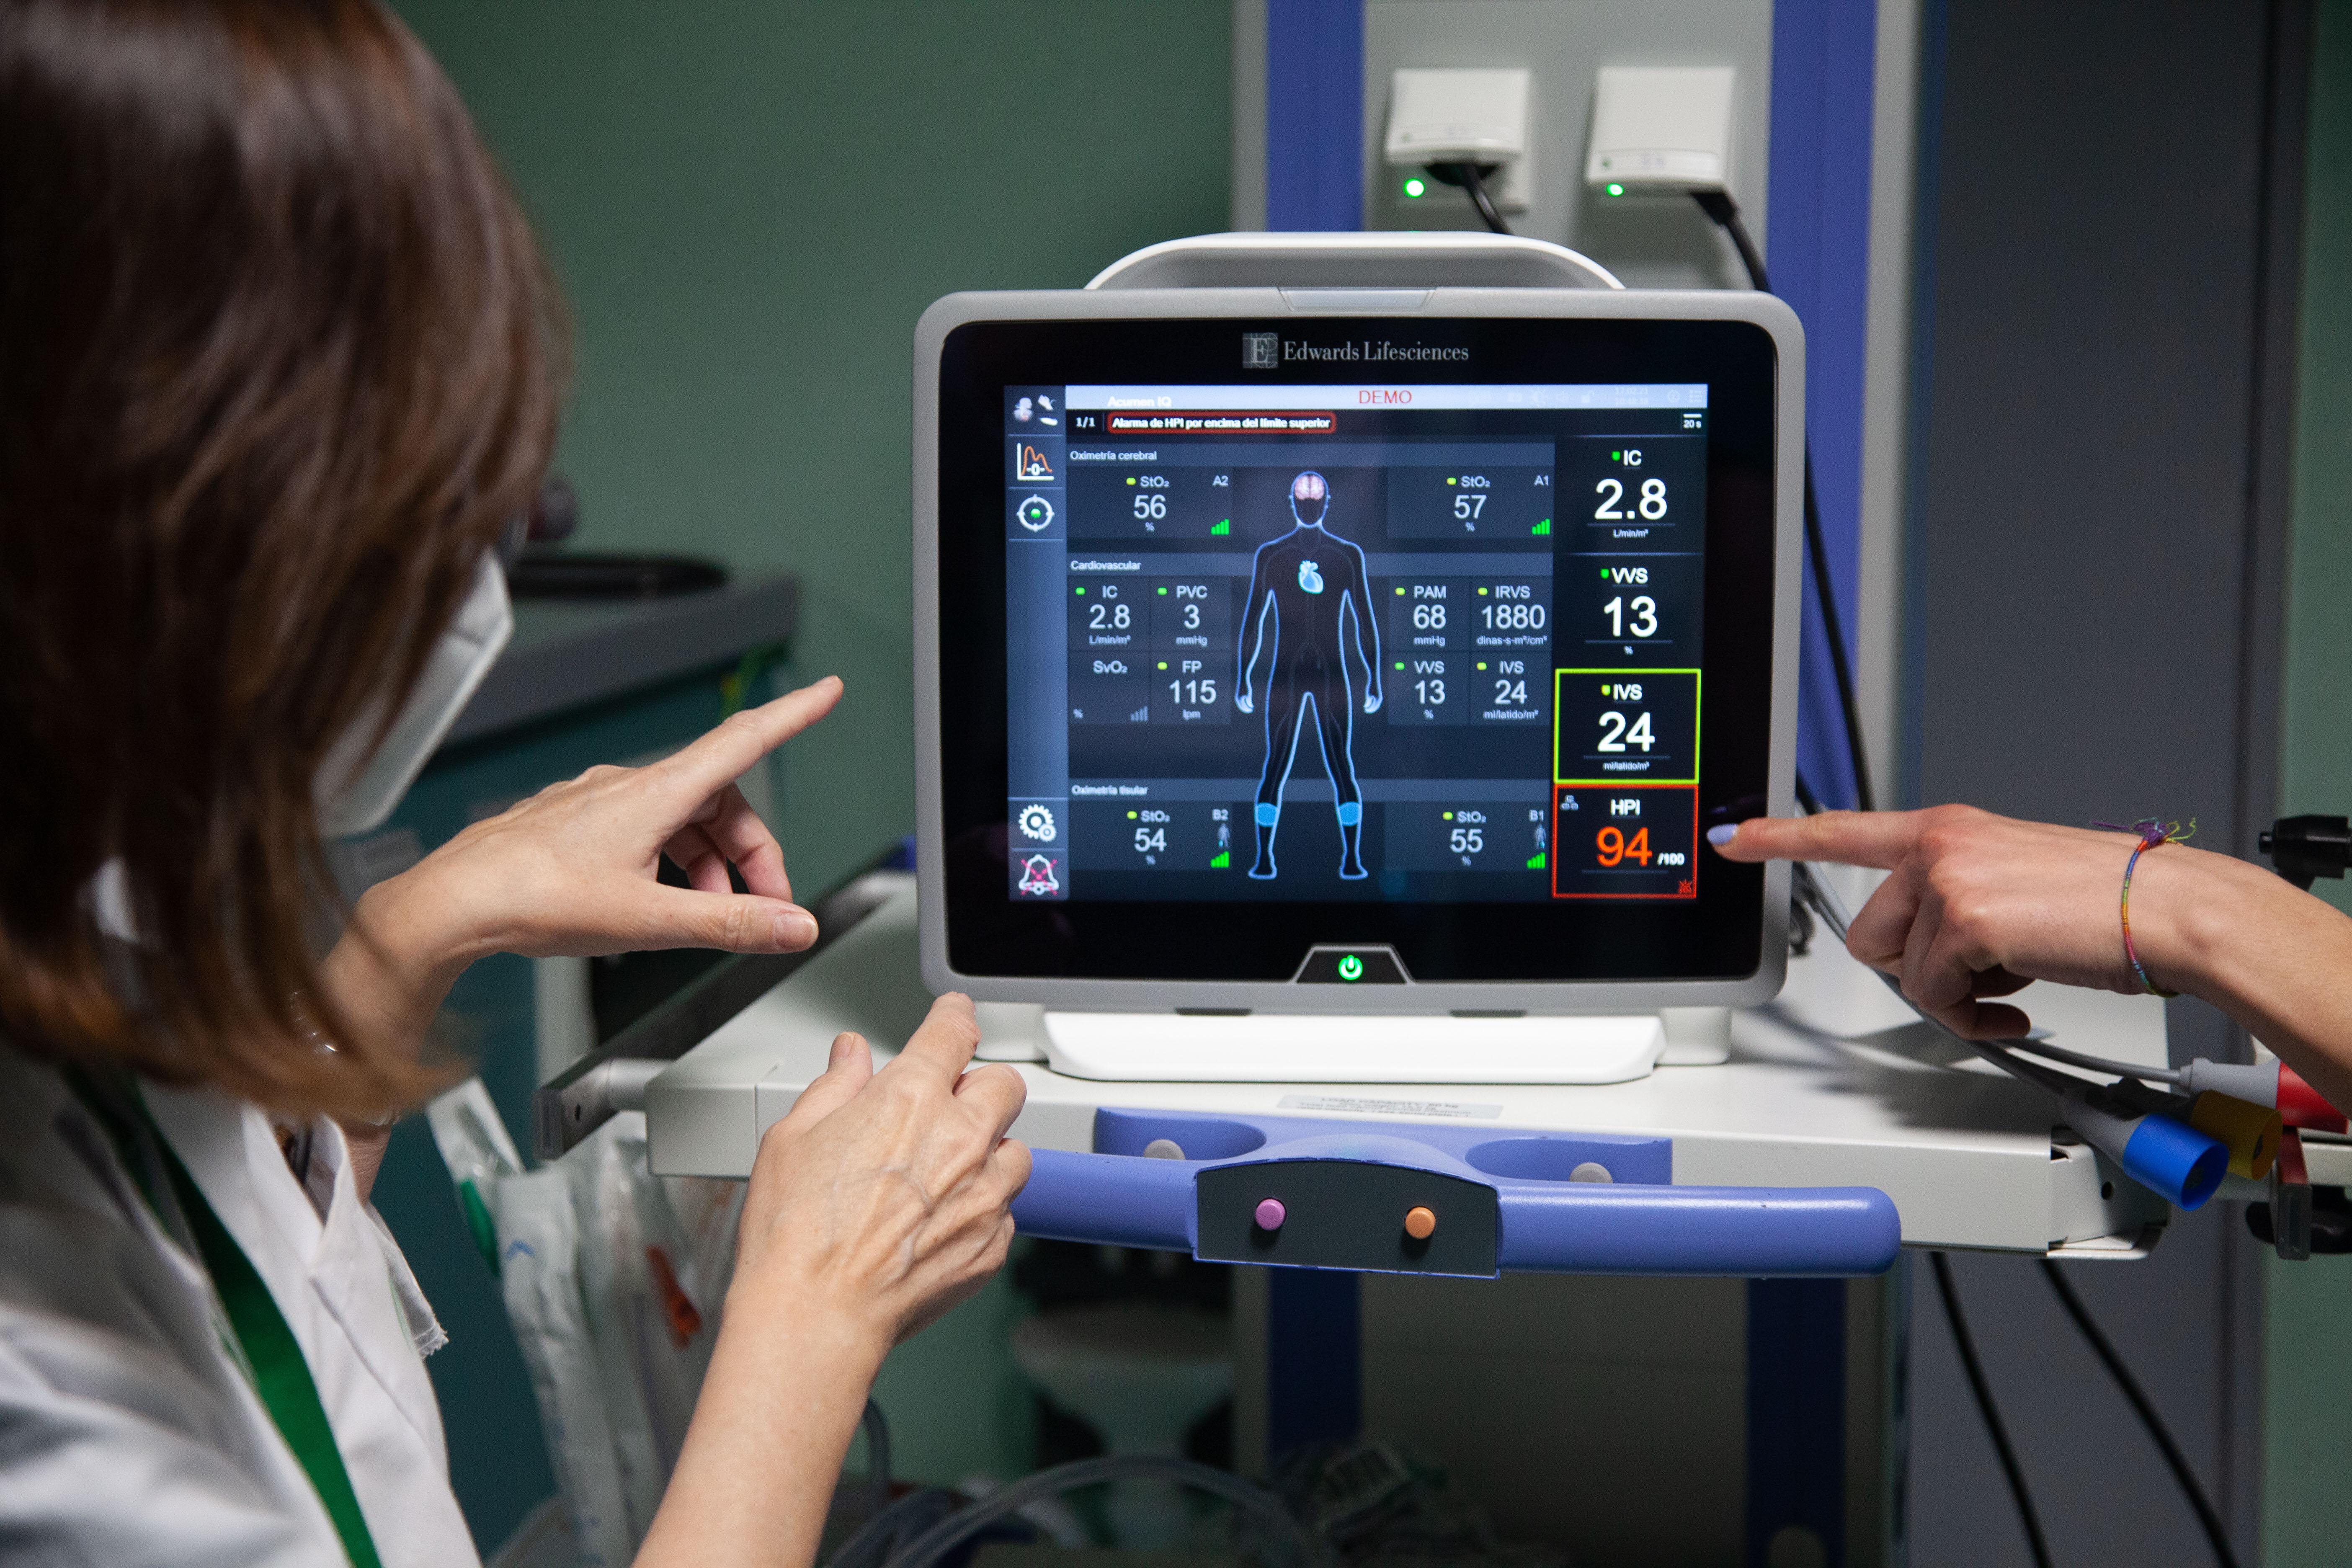 El Clínico incorpora dos dispositivos que mejoran la seguridad del paciente quirúrgico mediante un software